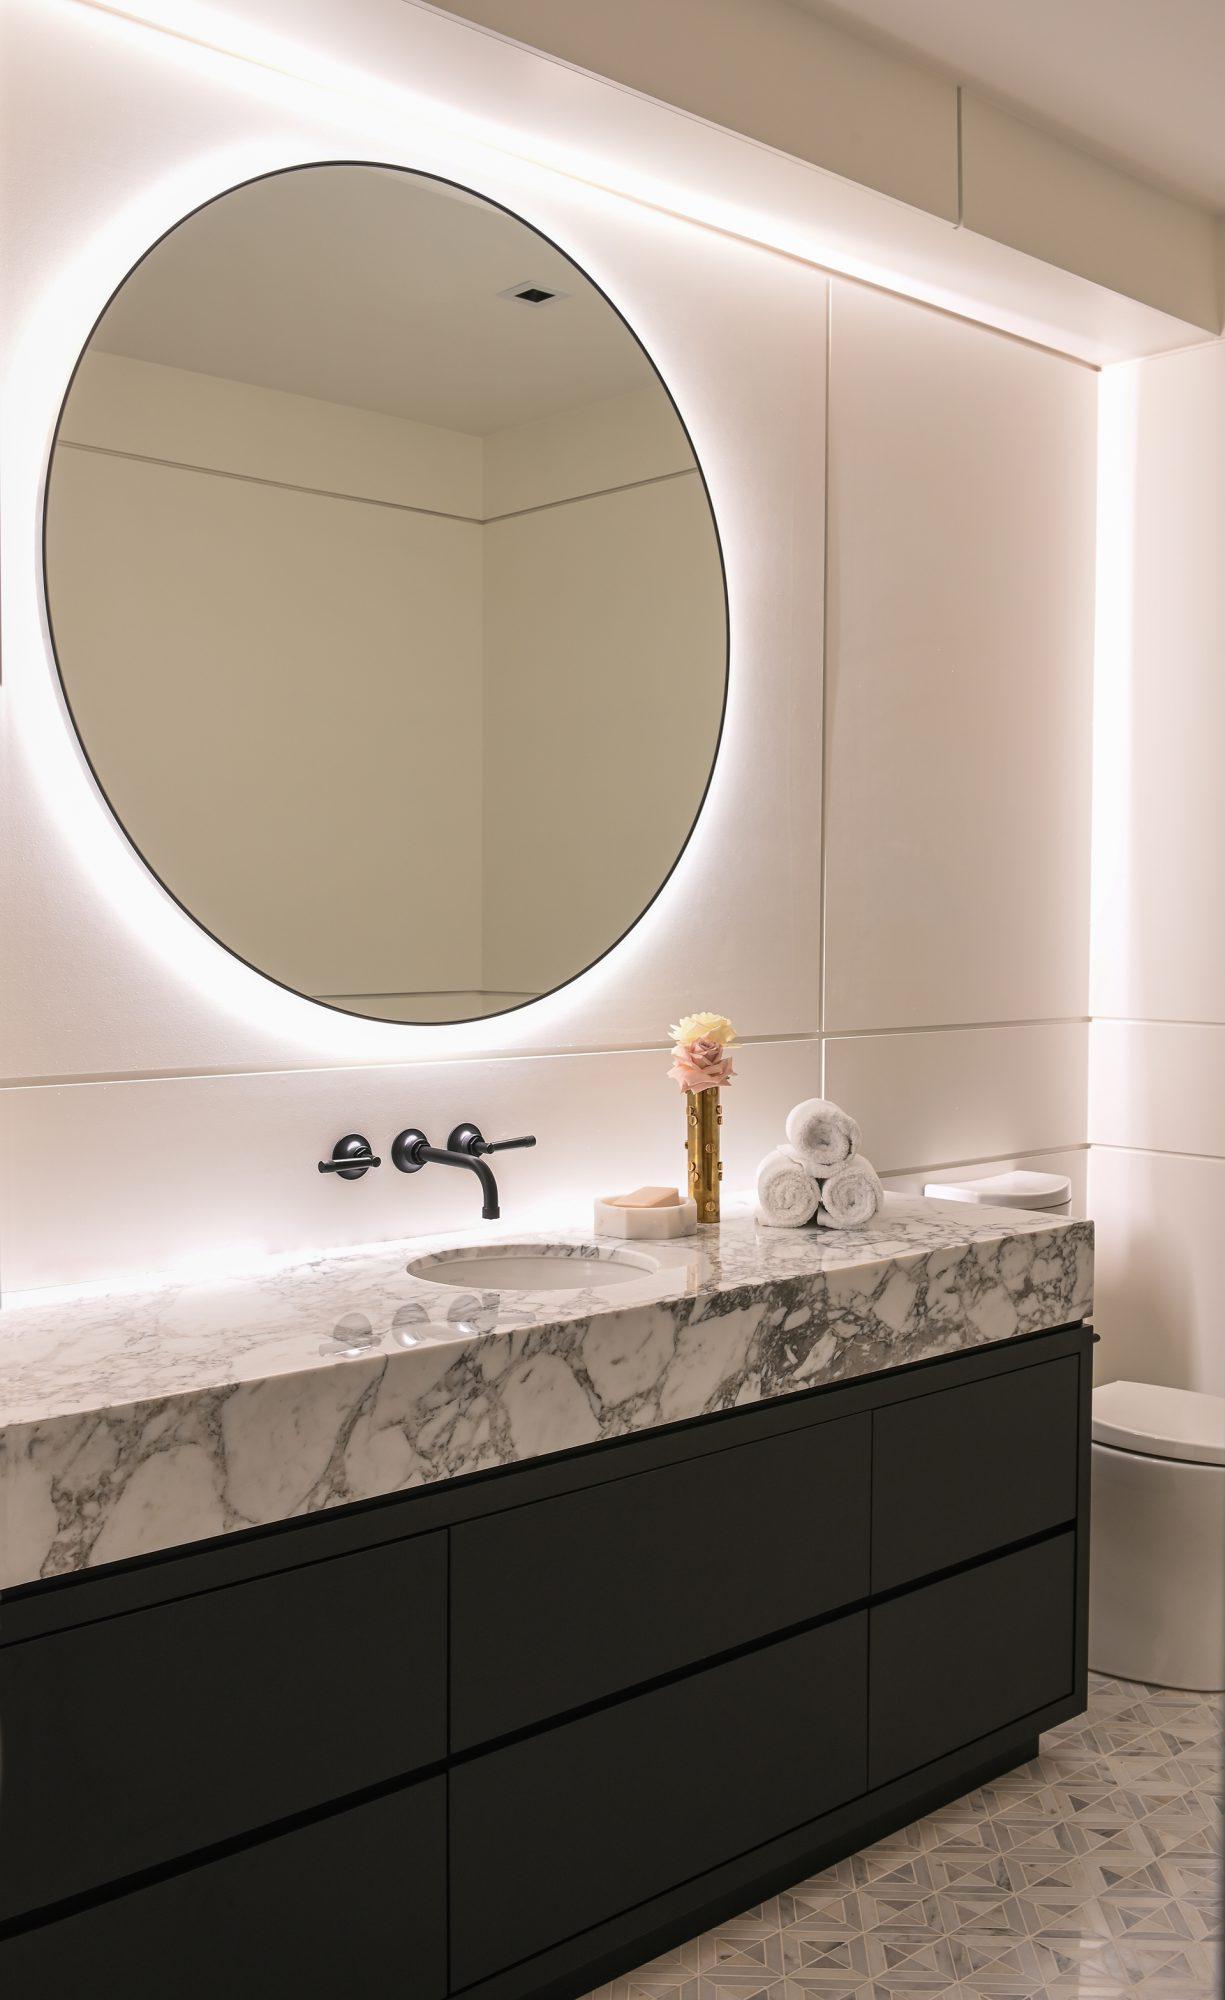 Ferme Moderne bathroom vanity built by Midland Premium Properties in Vancouver, BC